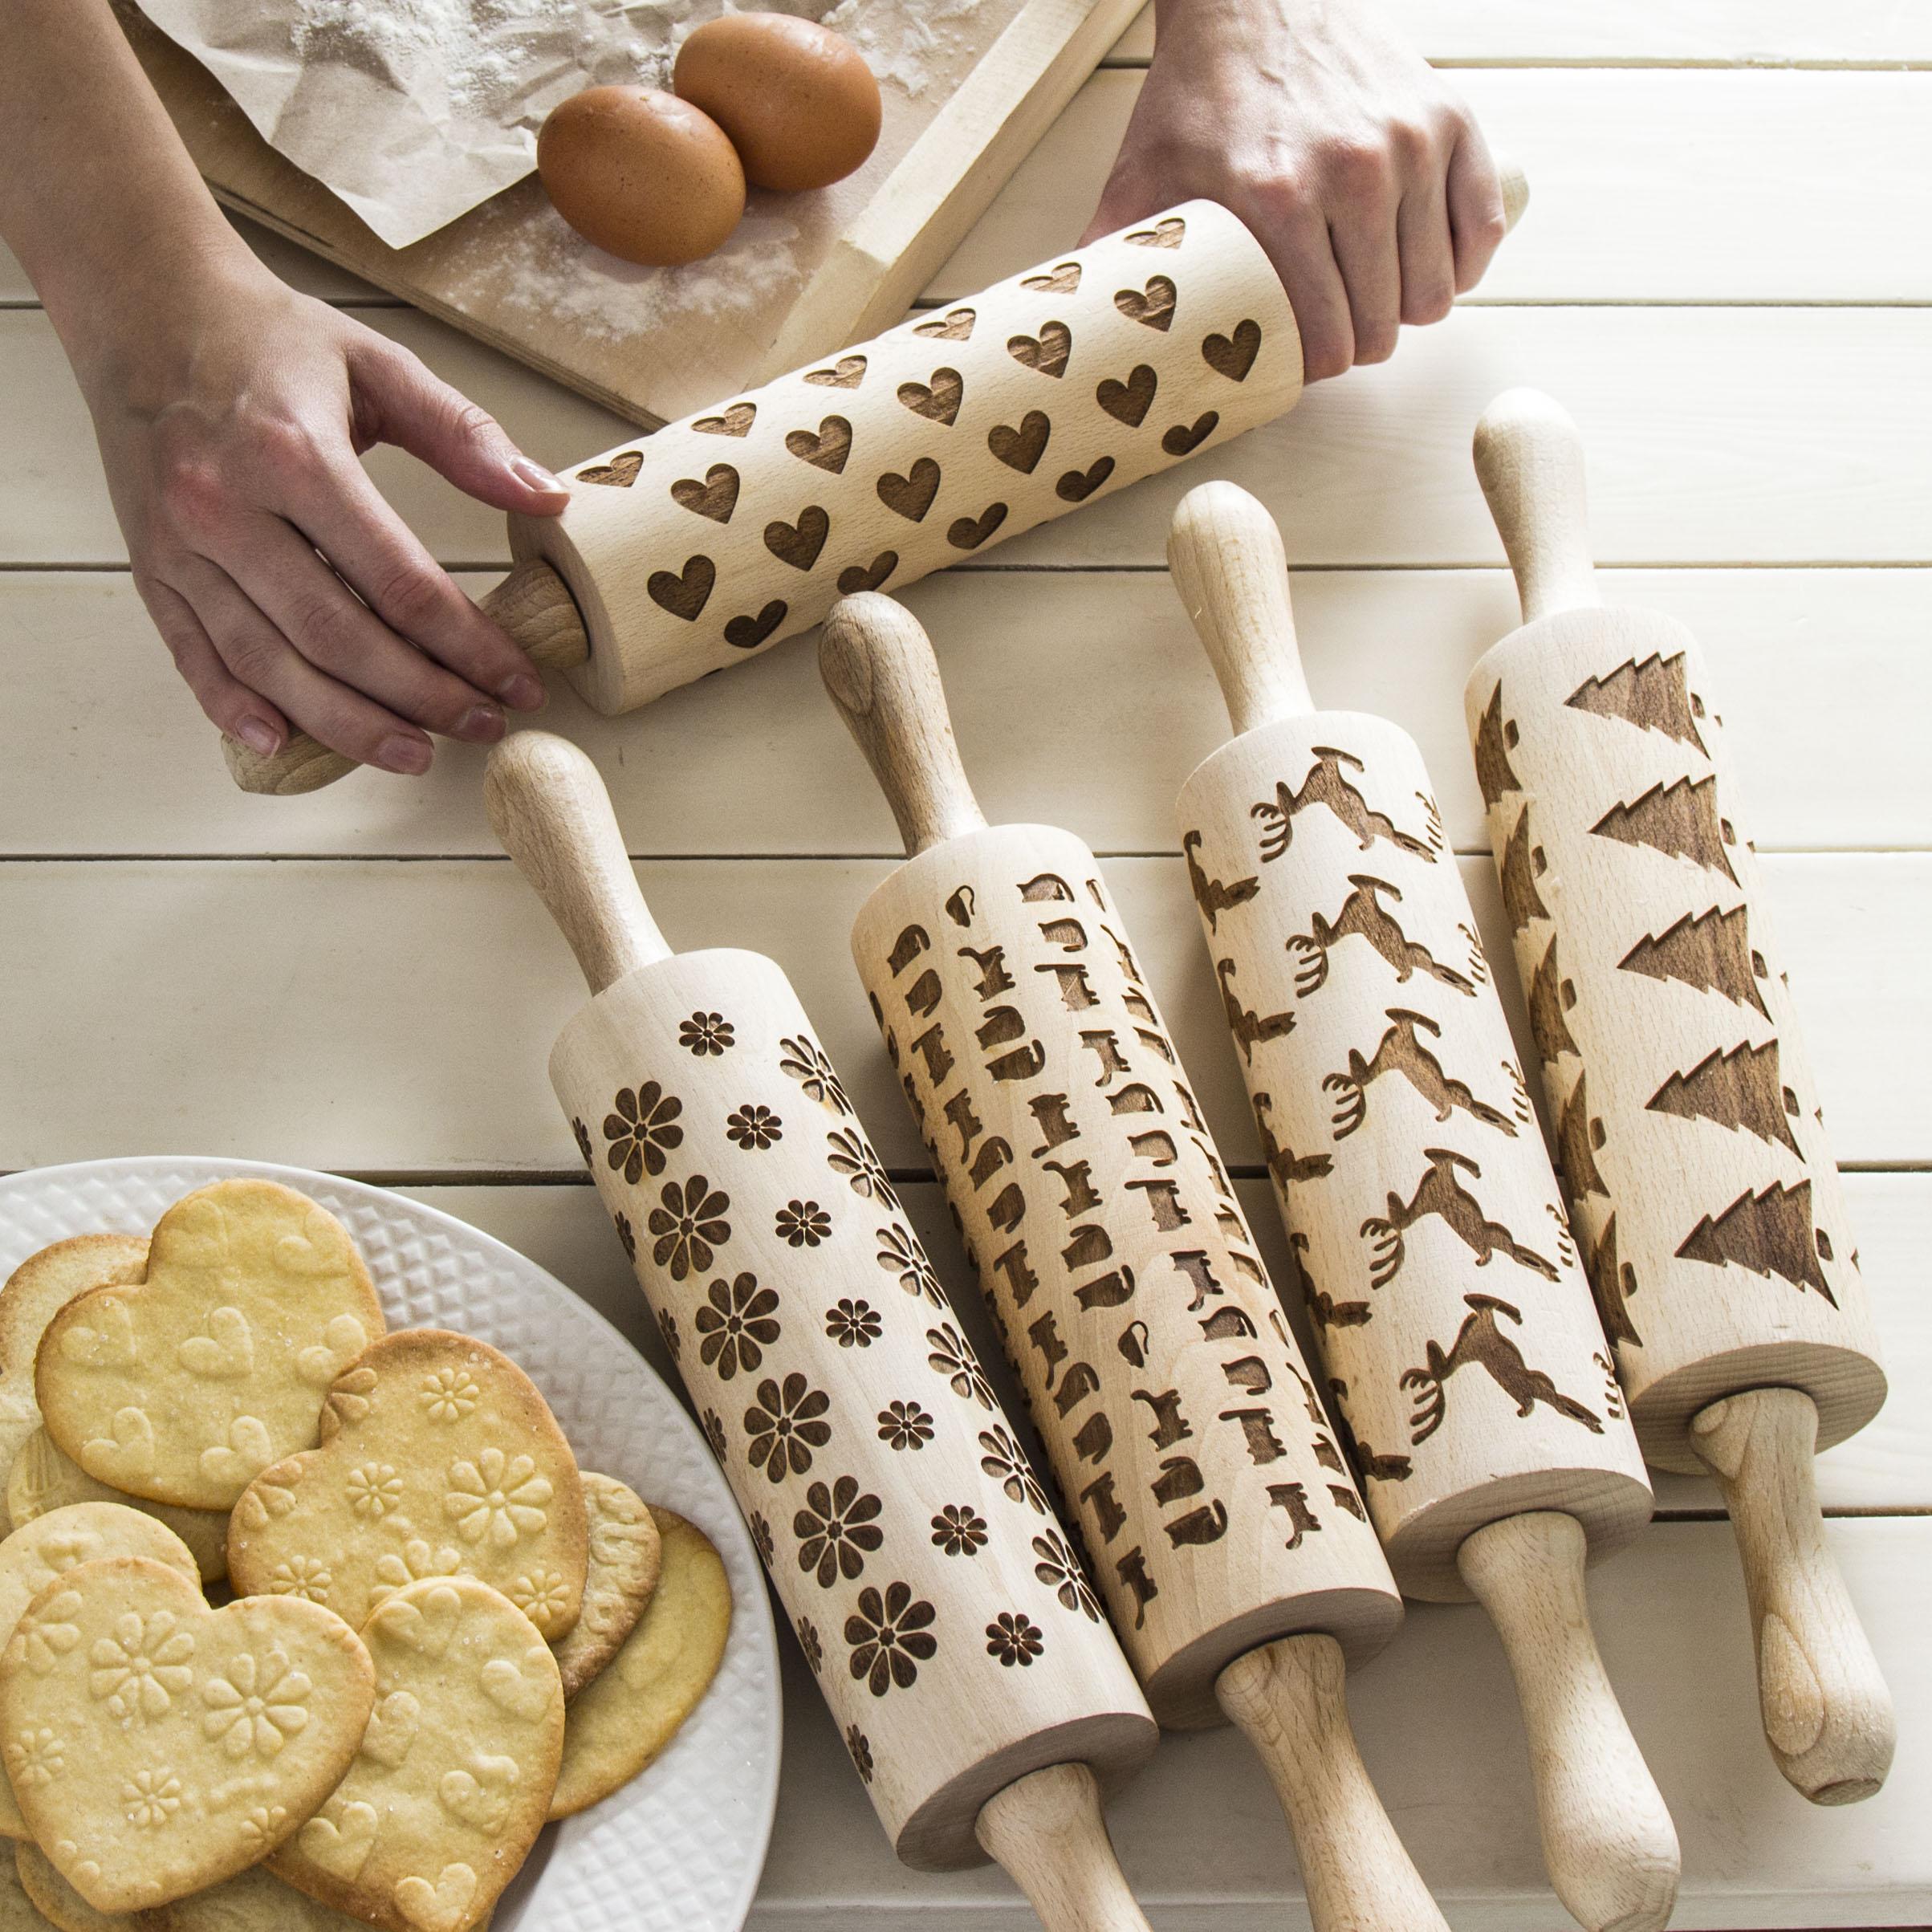 walek-dekoracyjny-do-ciasta-drewniany-koty_2.jpg